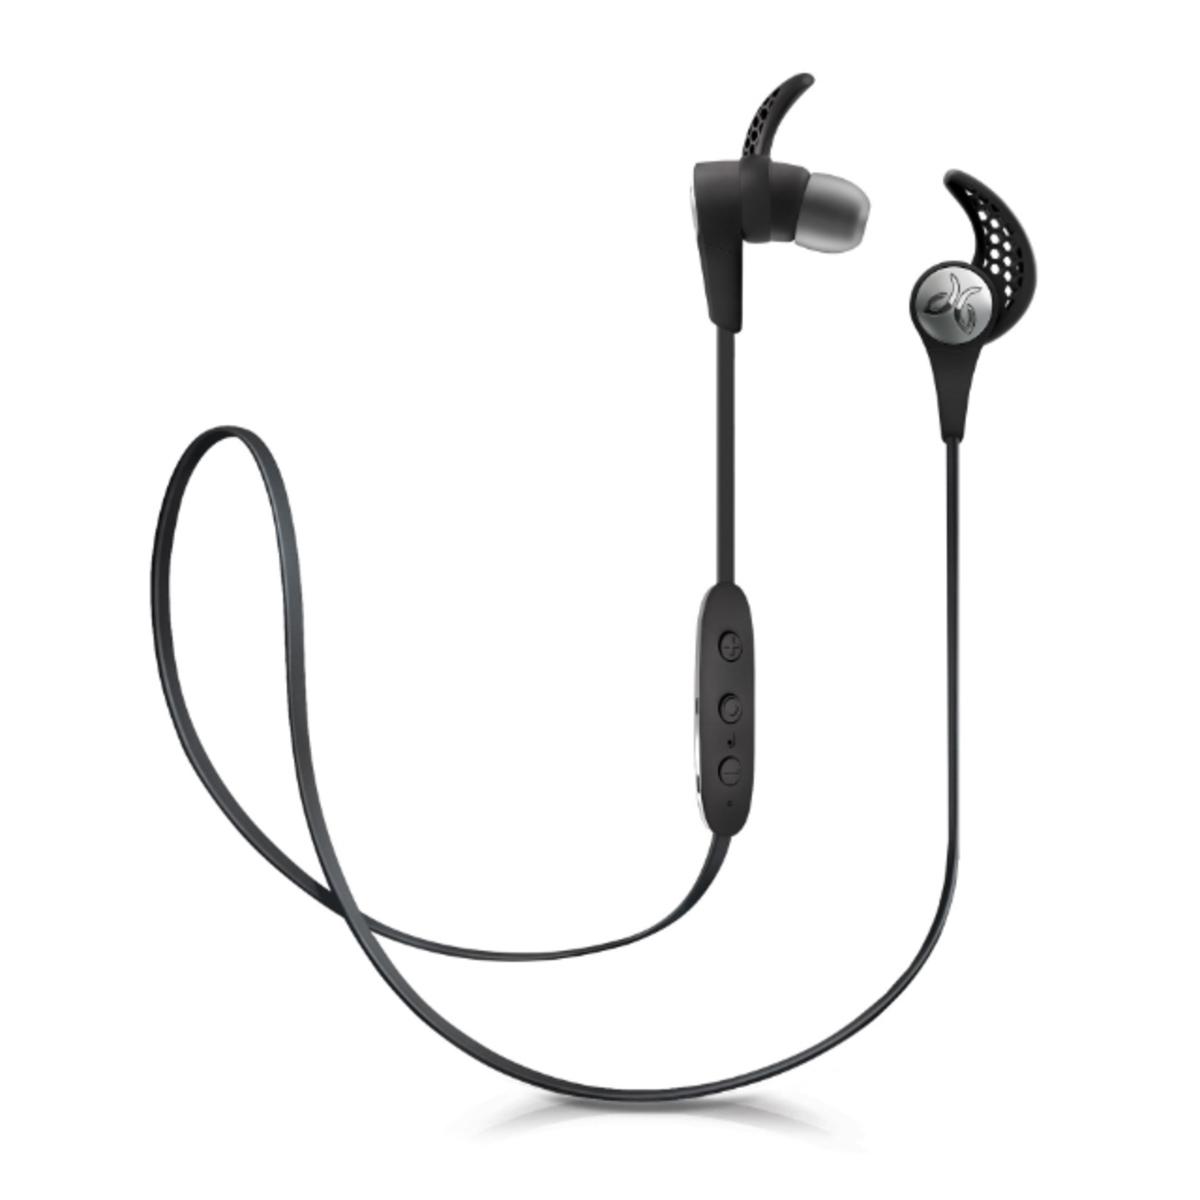 X3 Wireless Buds - Black